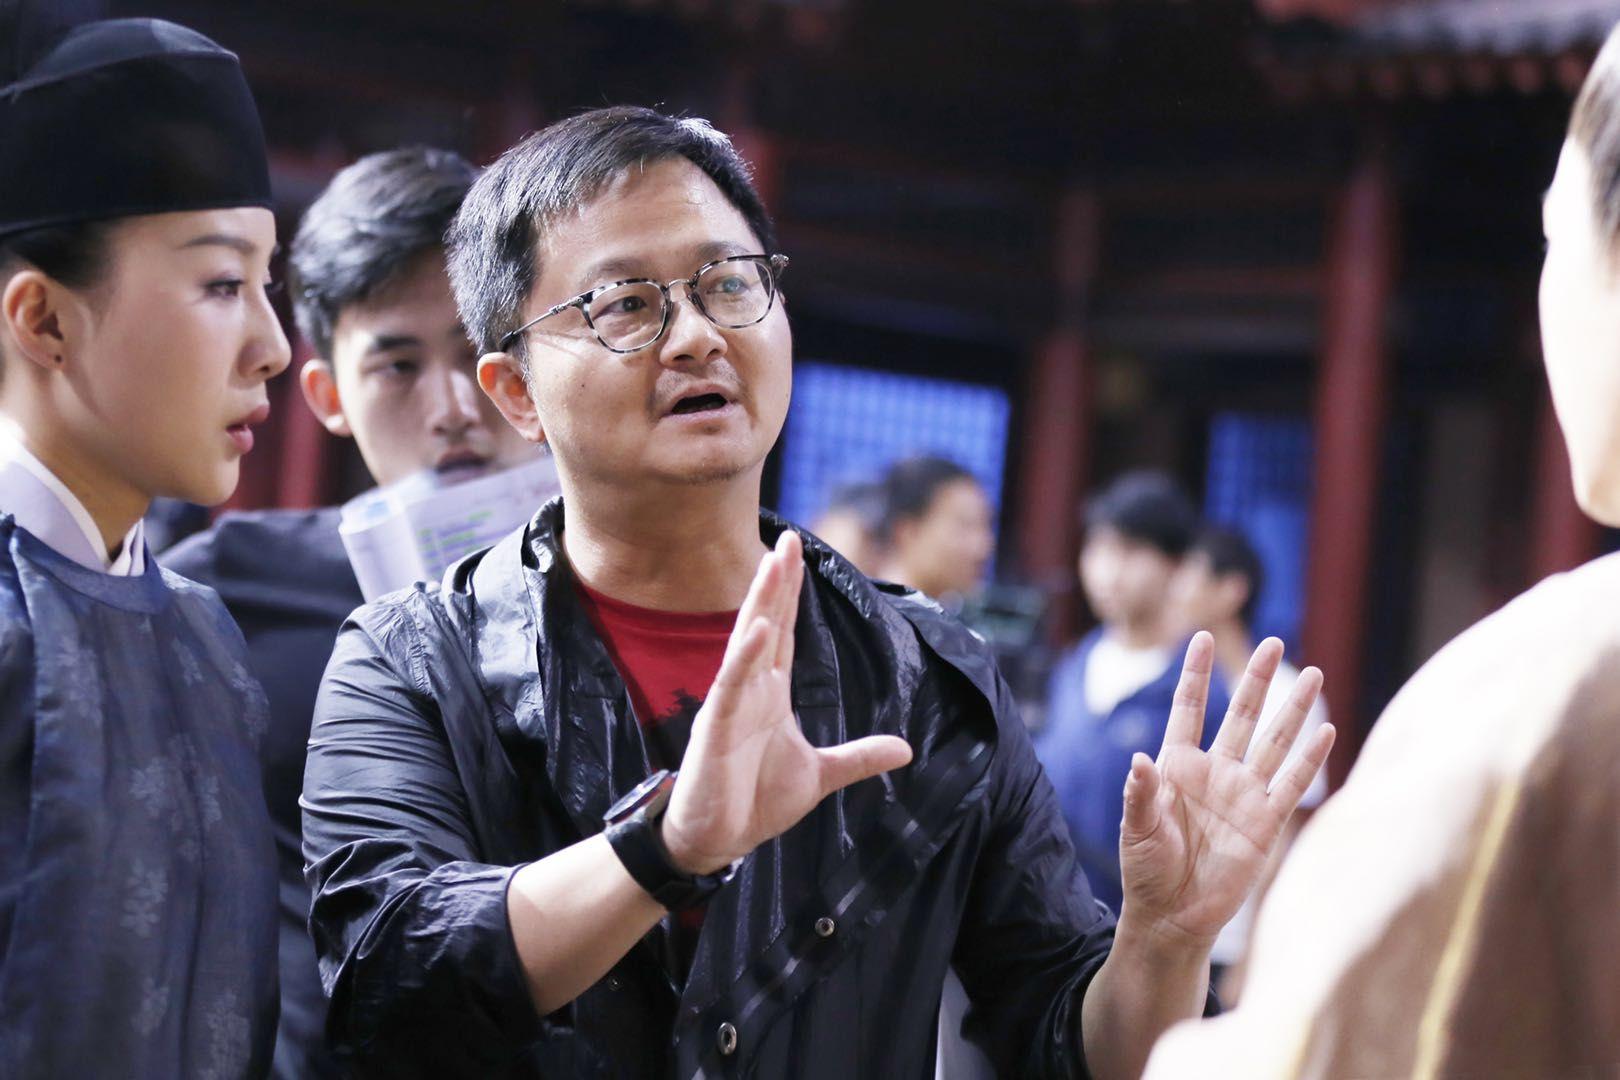 可摩天注册不拍的剧就不要拍了丨中国导,摩天注册图片